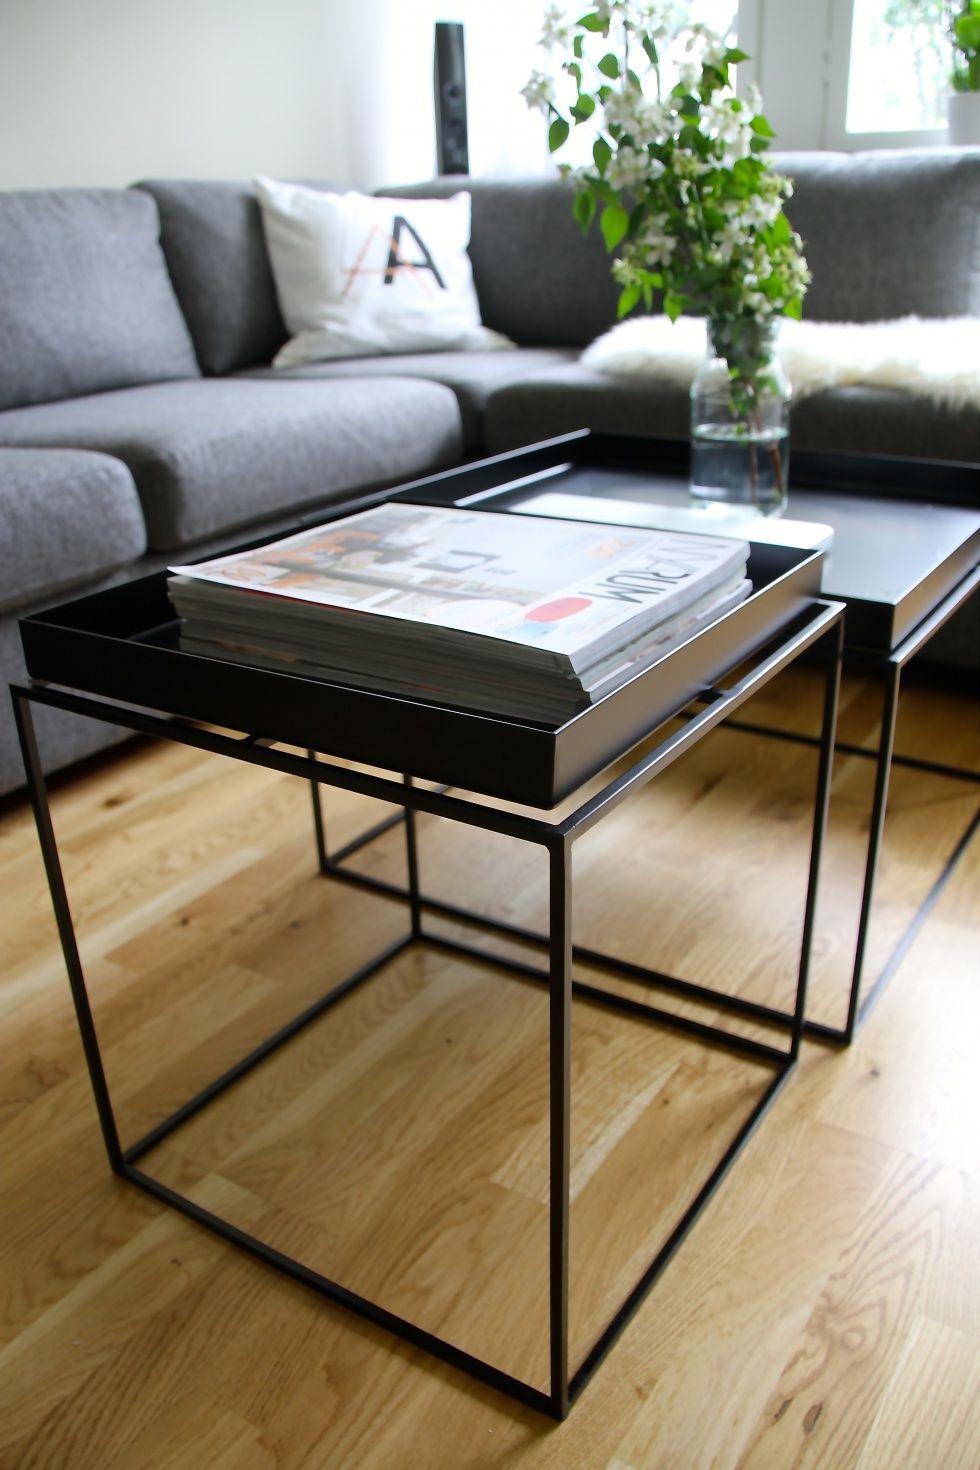 Hay Tray Table Zwart Interior Living Pinterest Hay Tray